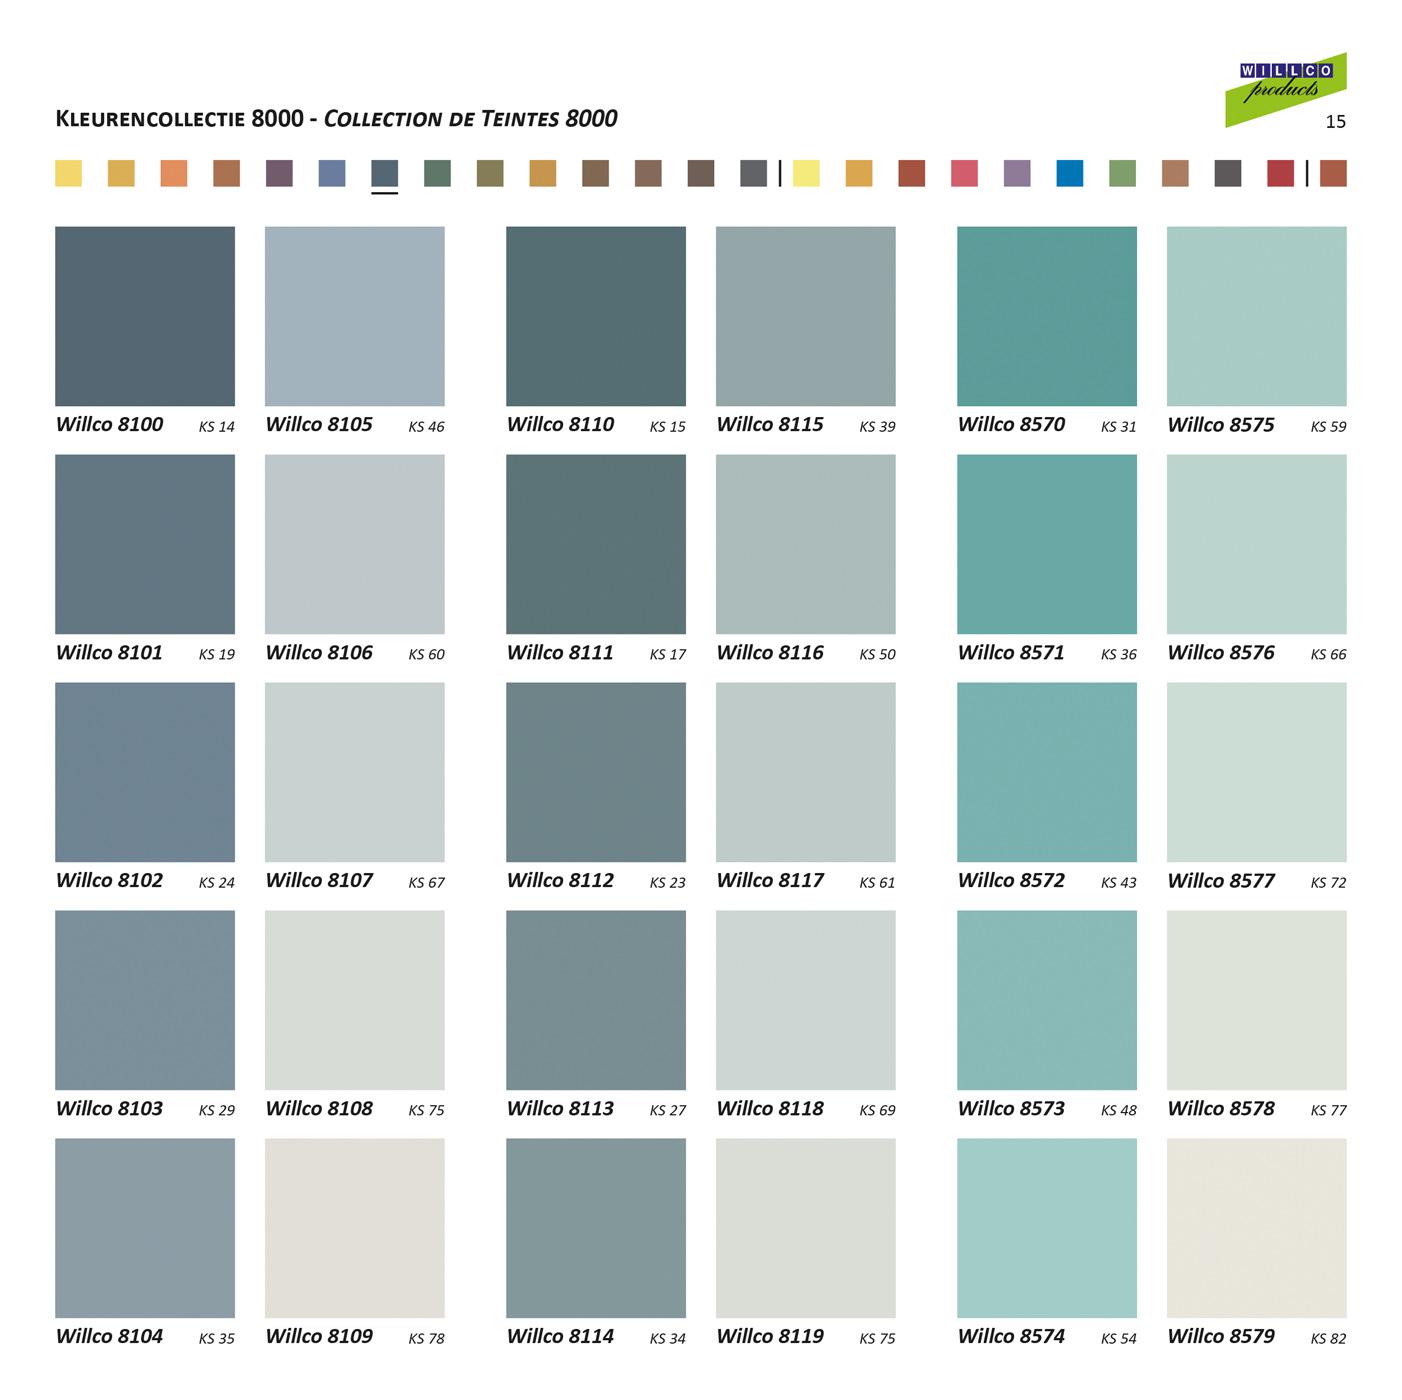 Digitale kleurenkaart